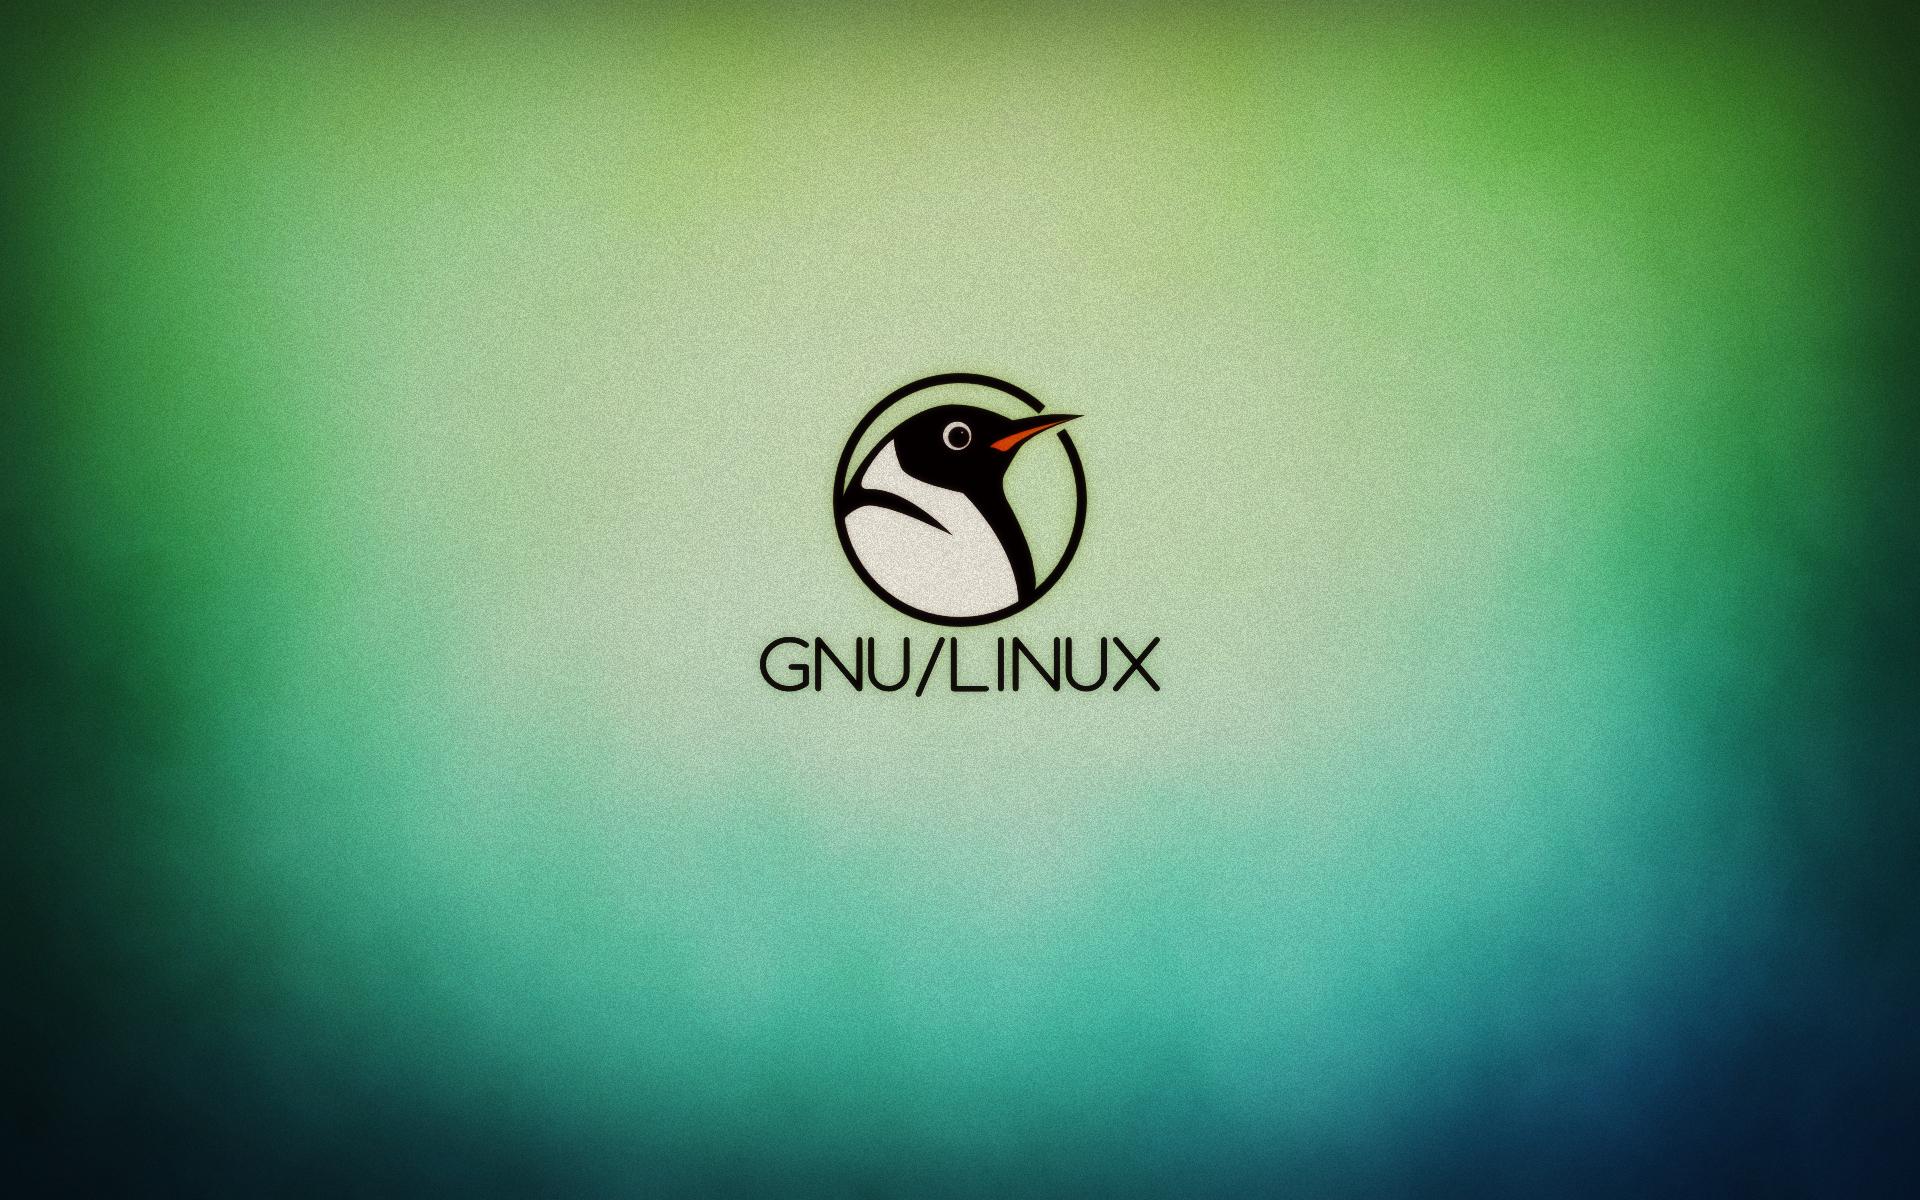 riconoscere la versione e la distribuzione di un sistema linux